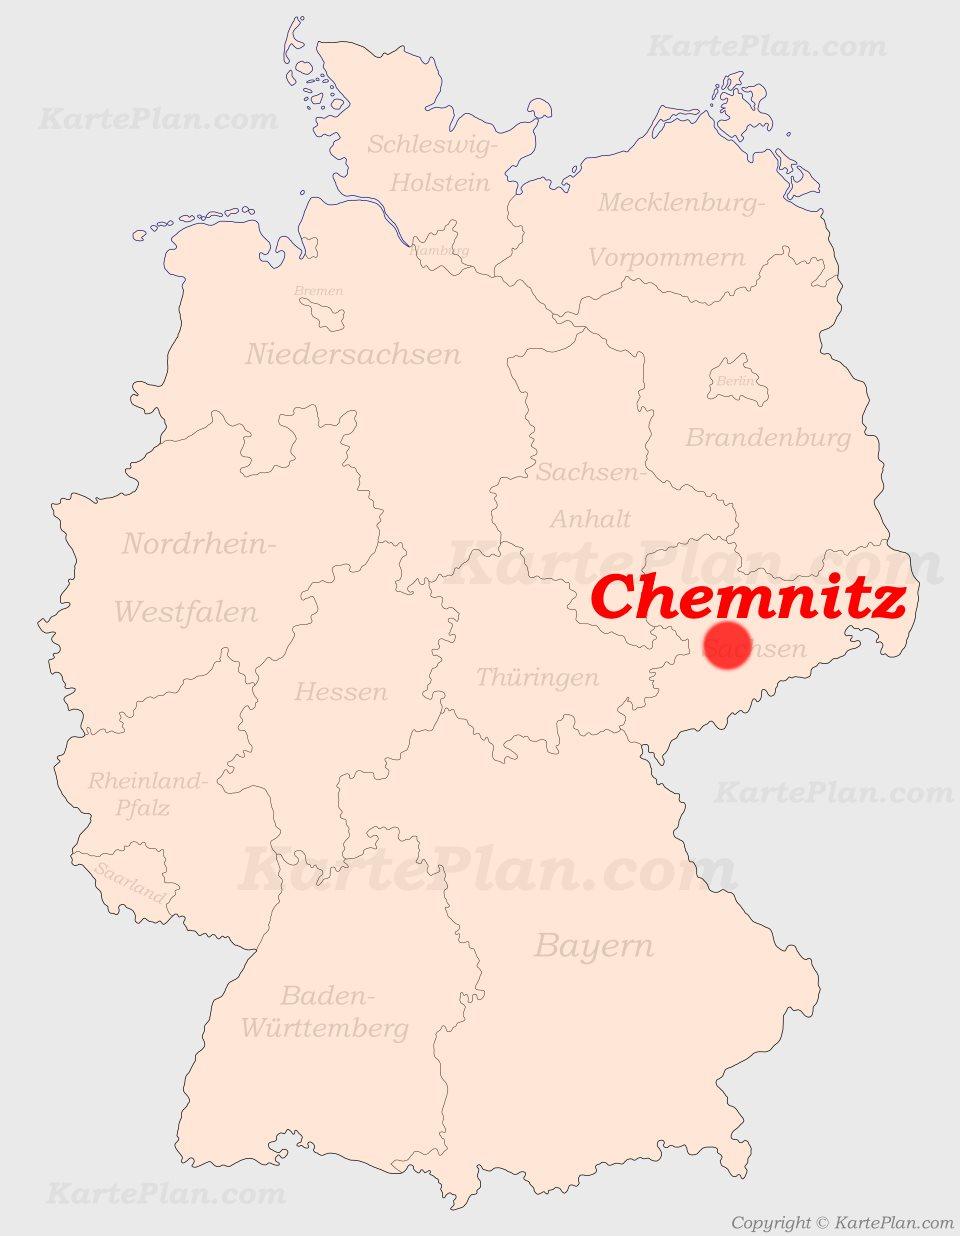 chemnitz karte deutschland Chemnitz auf der Deutschlandkarte